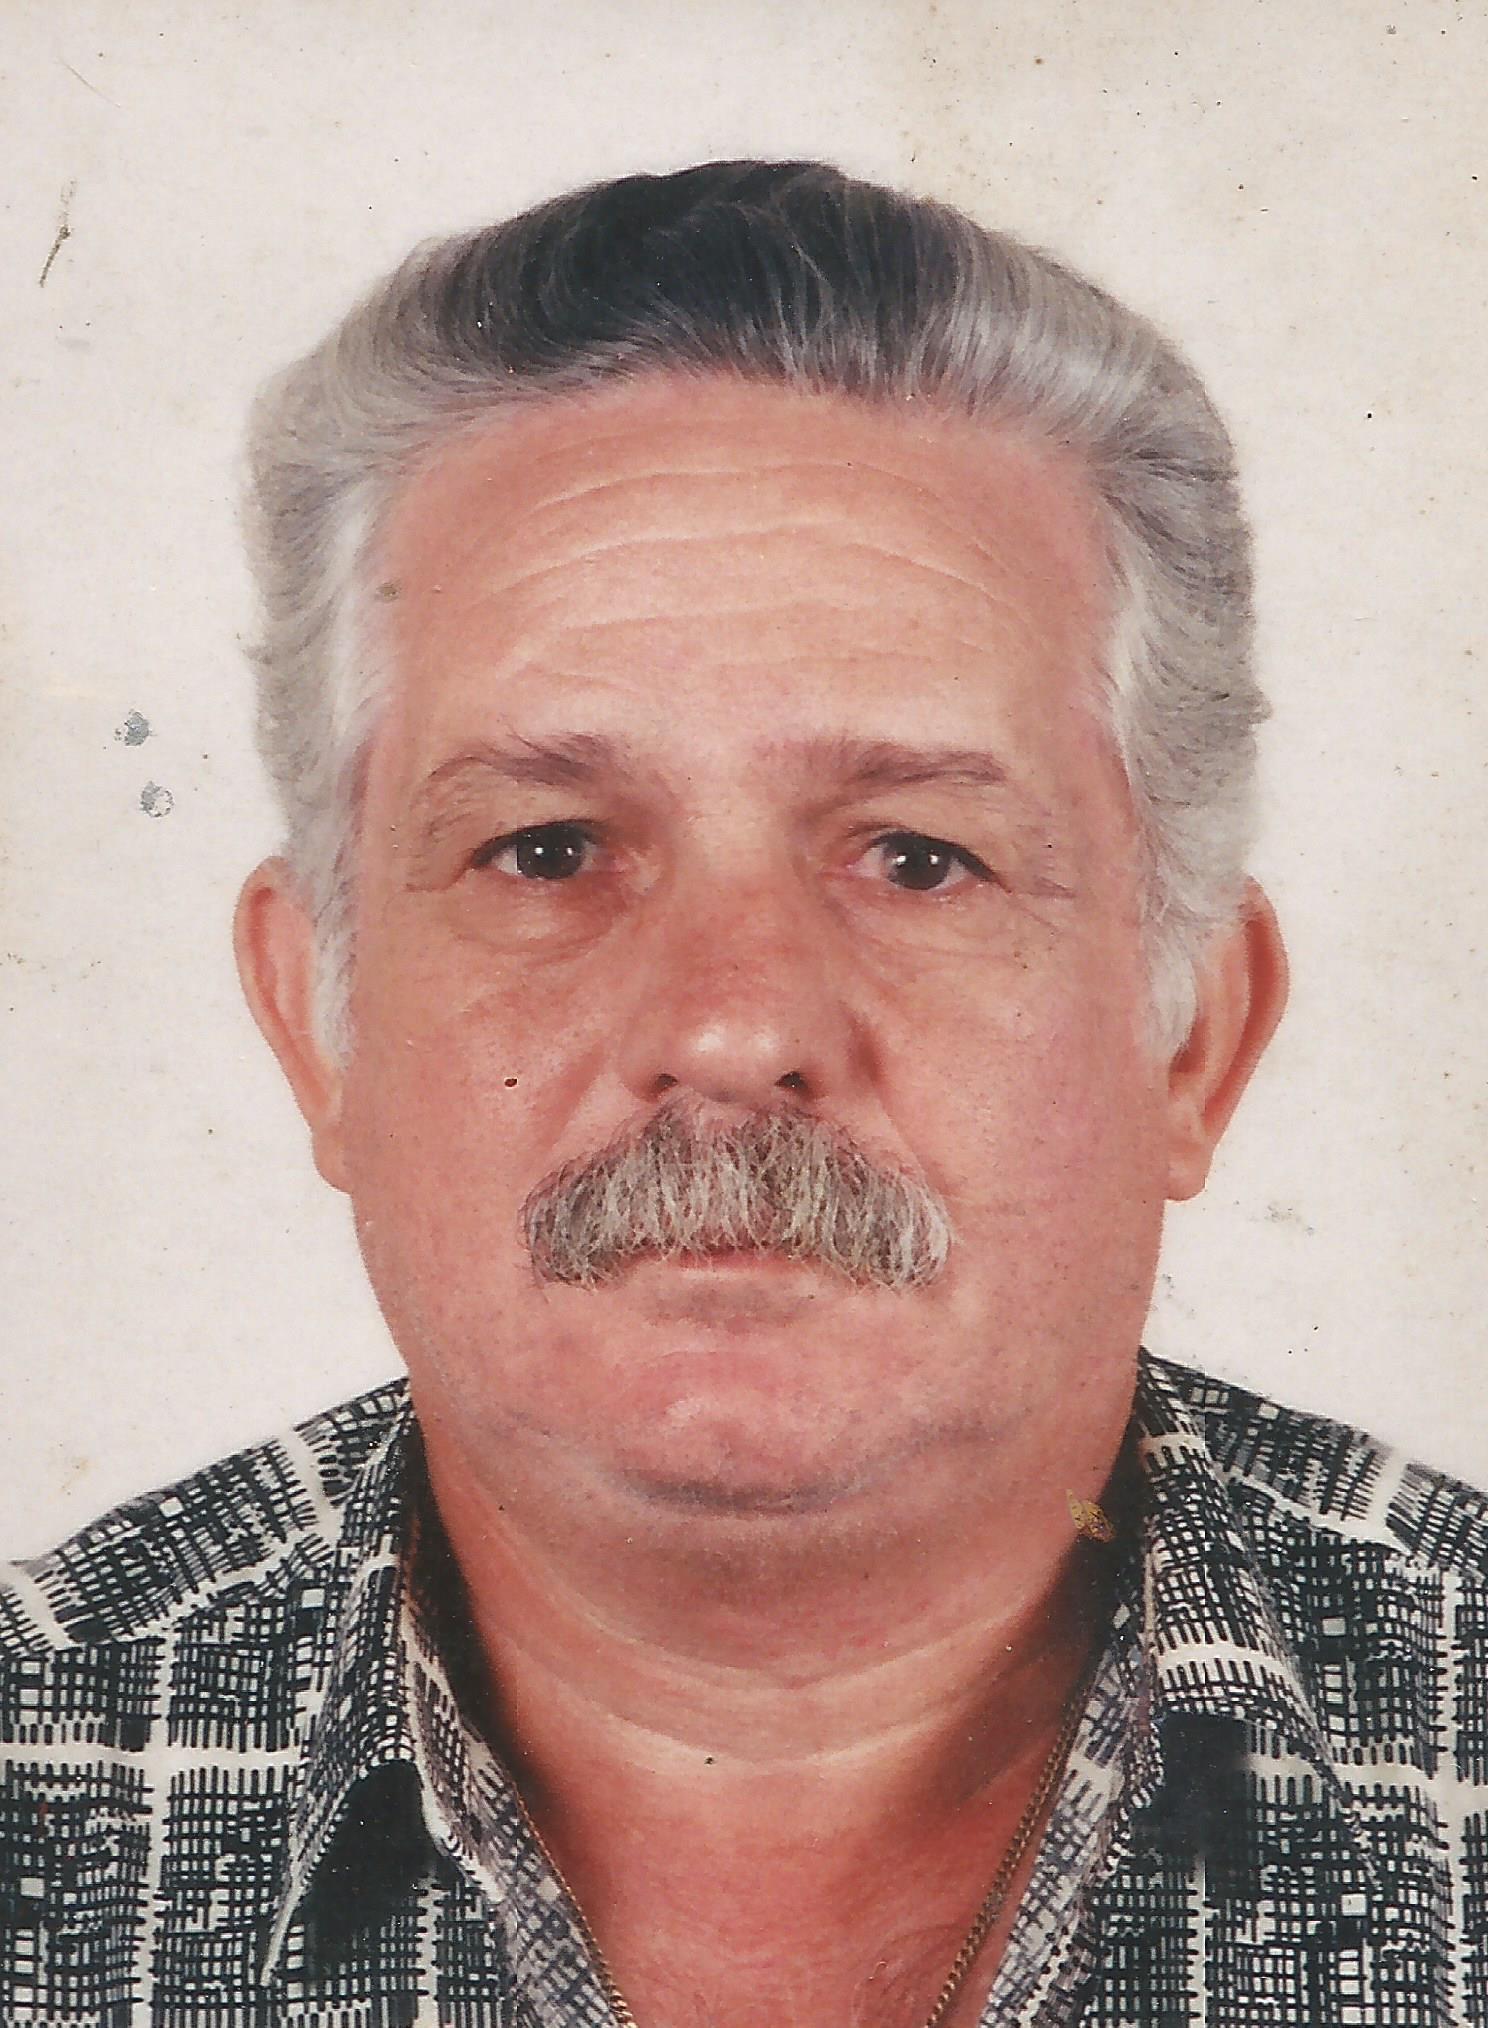 JOÃO DE JESUS SARDINHA GOMES